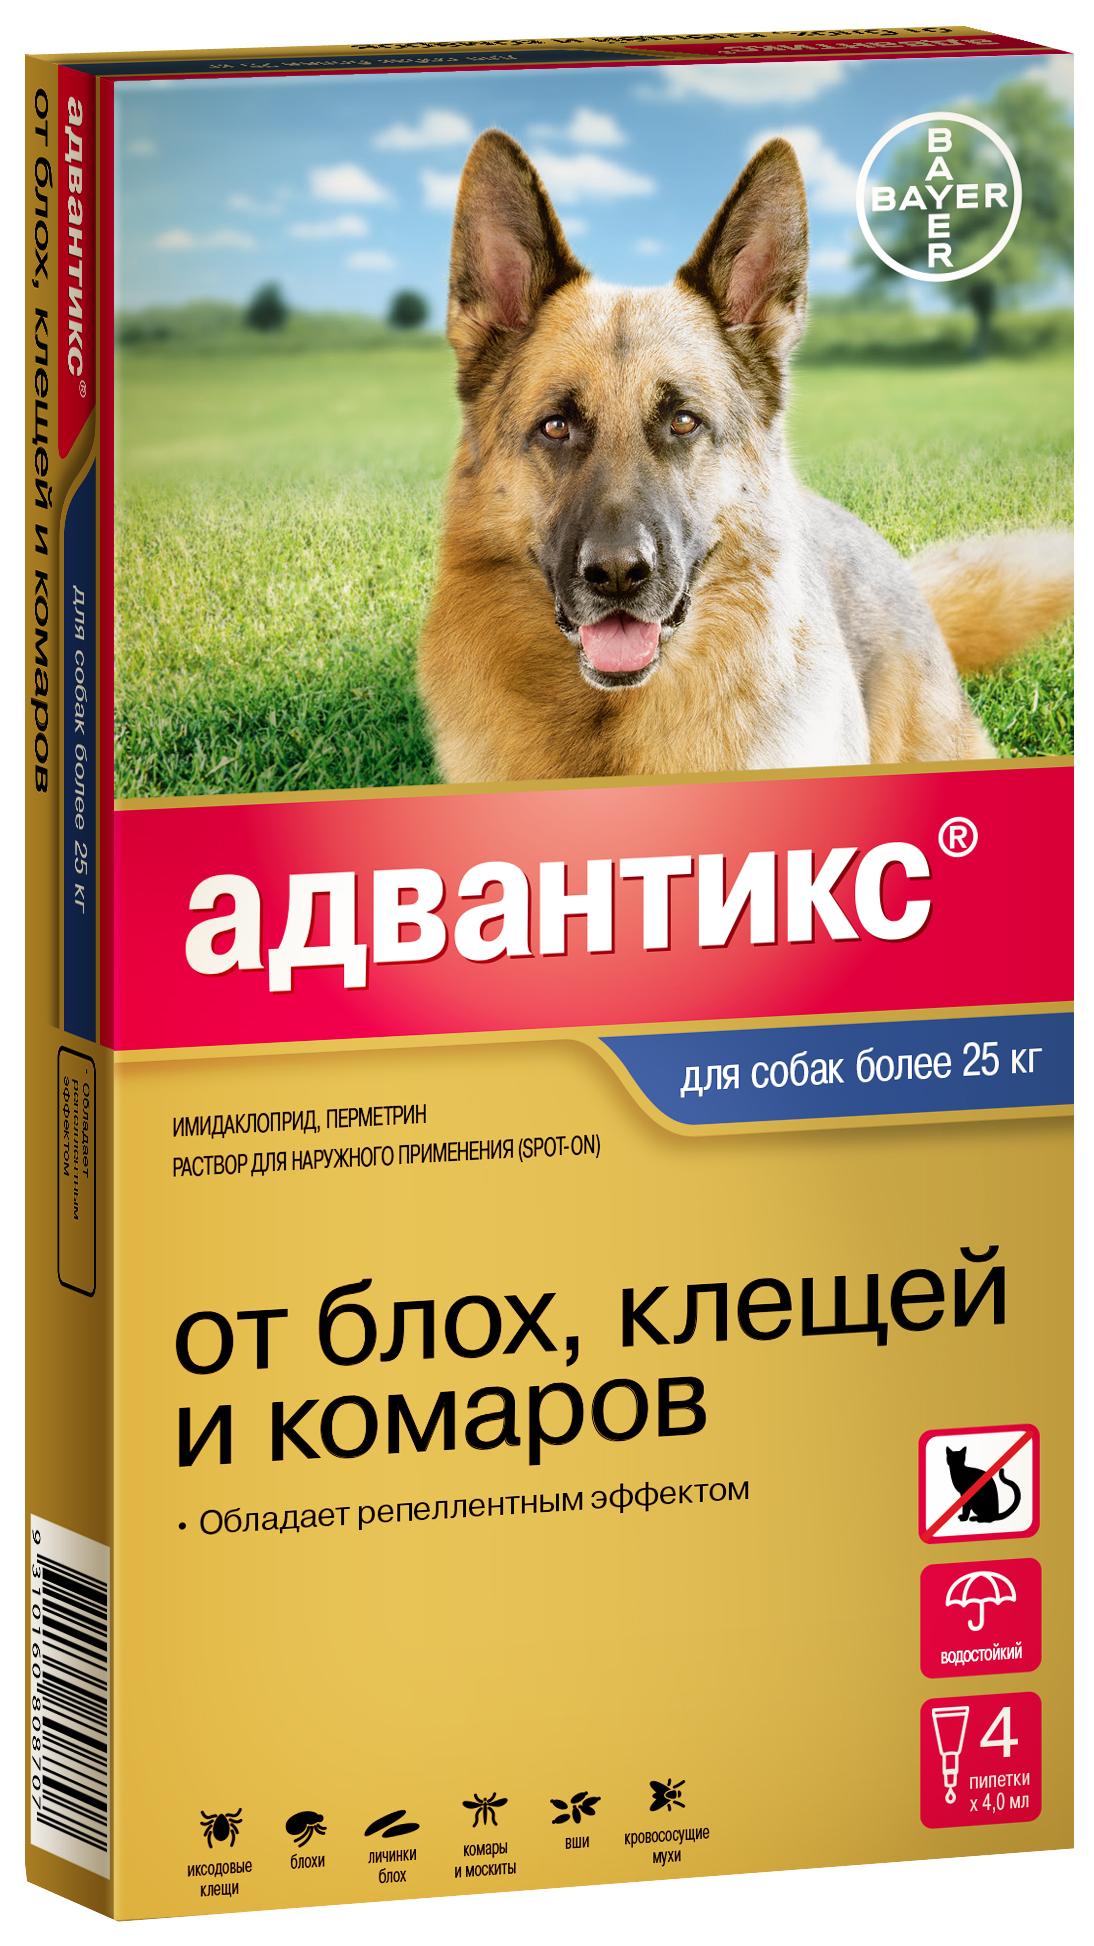 Средство от блох для домашних животных Адвантикс капли